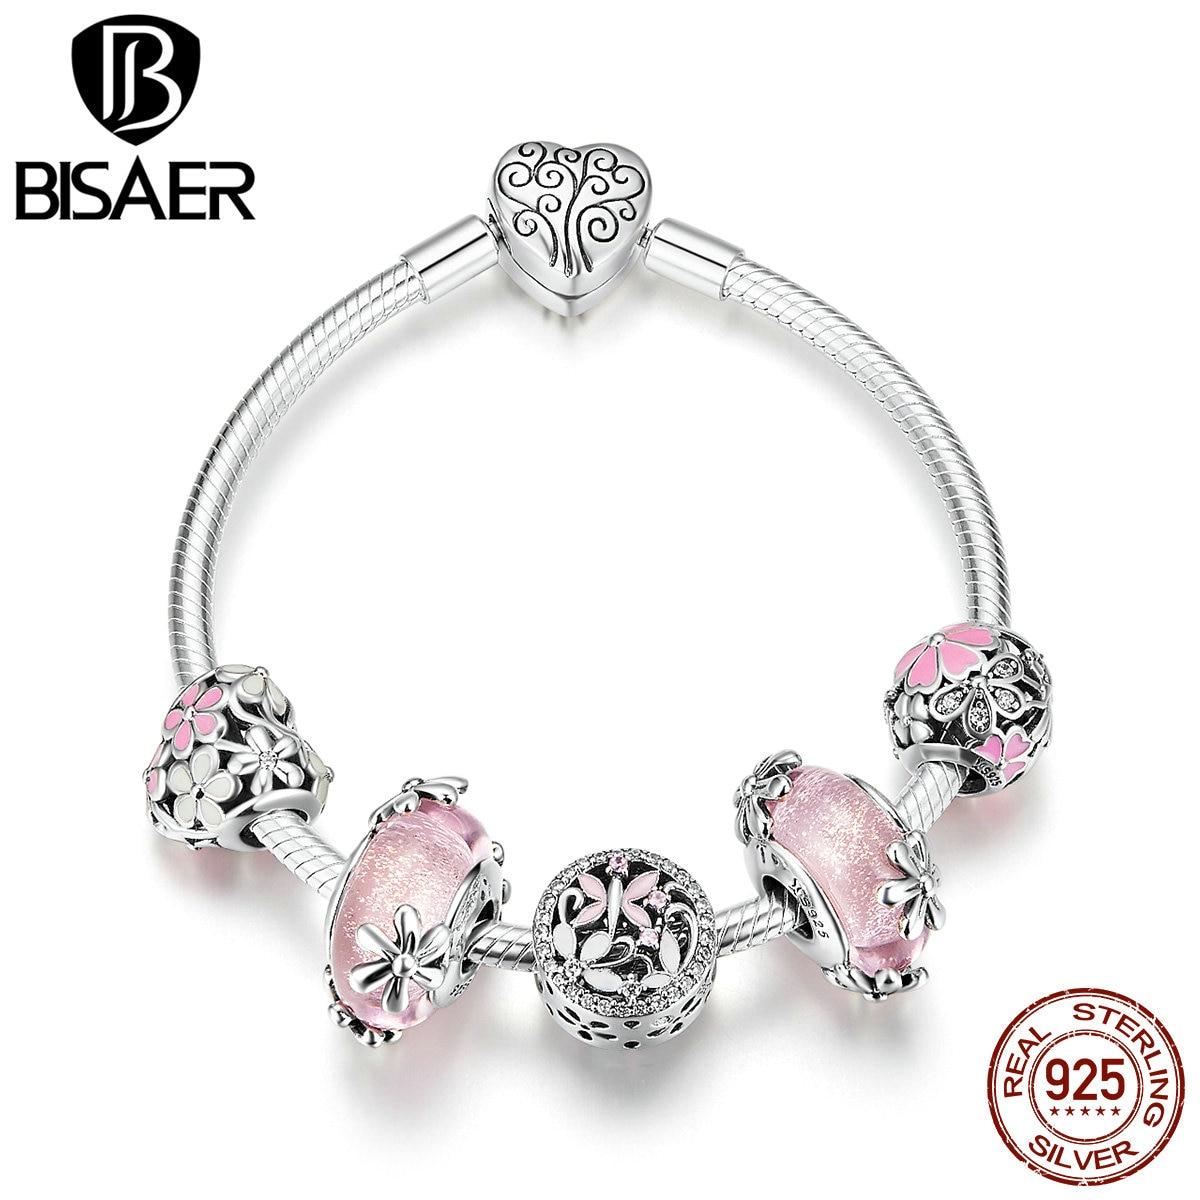 BISAER браслеты в форме сердца, 925 пробы, серебряный, розовый, Маргаритка, персик, цветок, сердце, женские браслеты для женщин, серебро 925, ювелирн... - 2